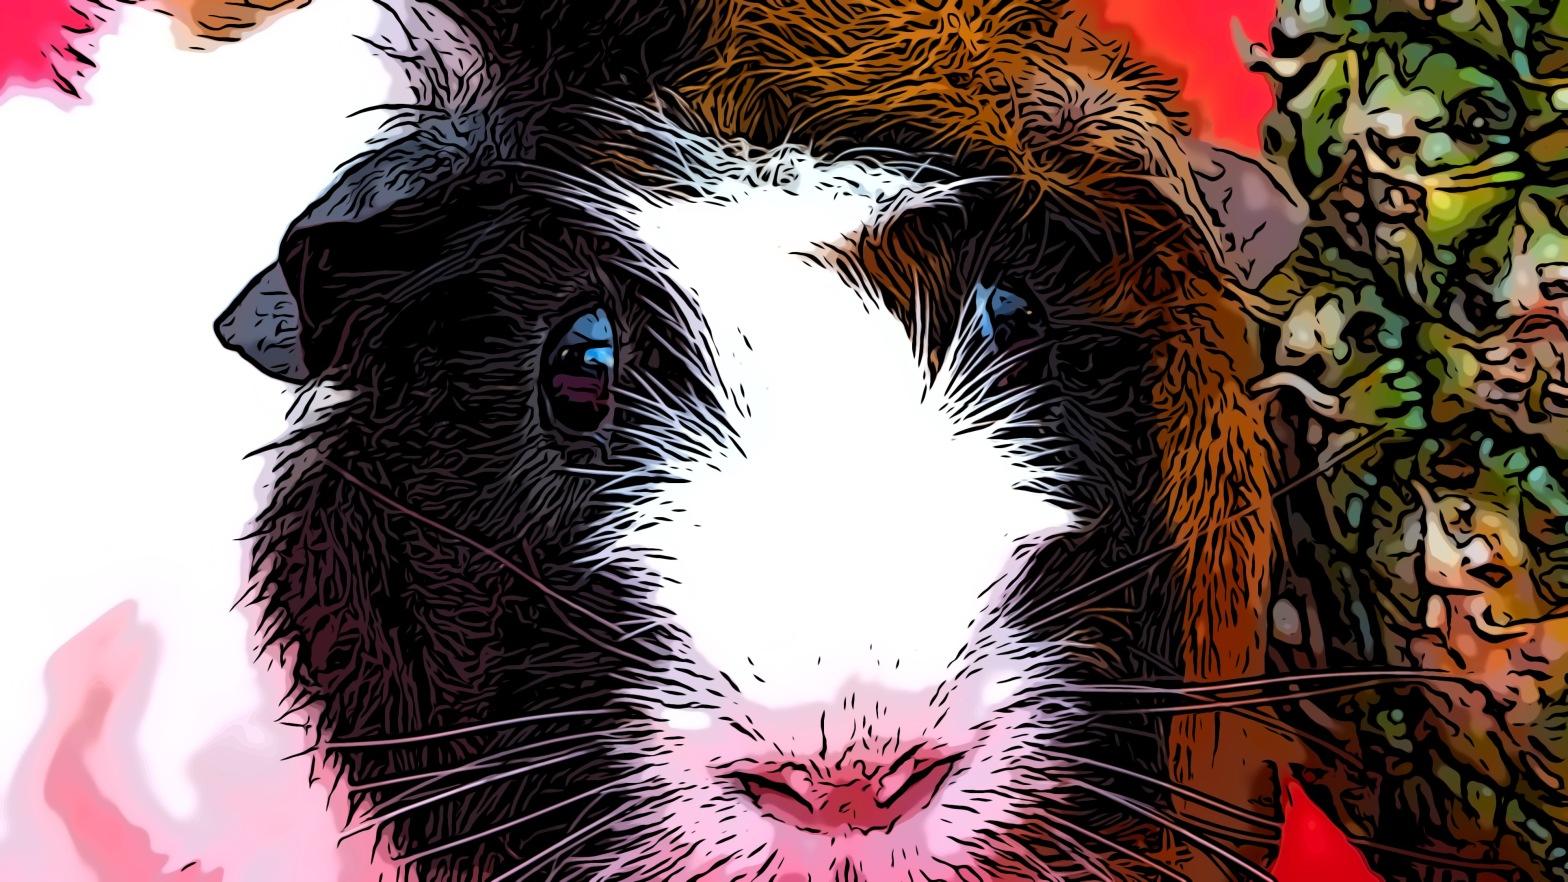 Guinea pig header comic